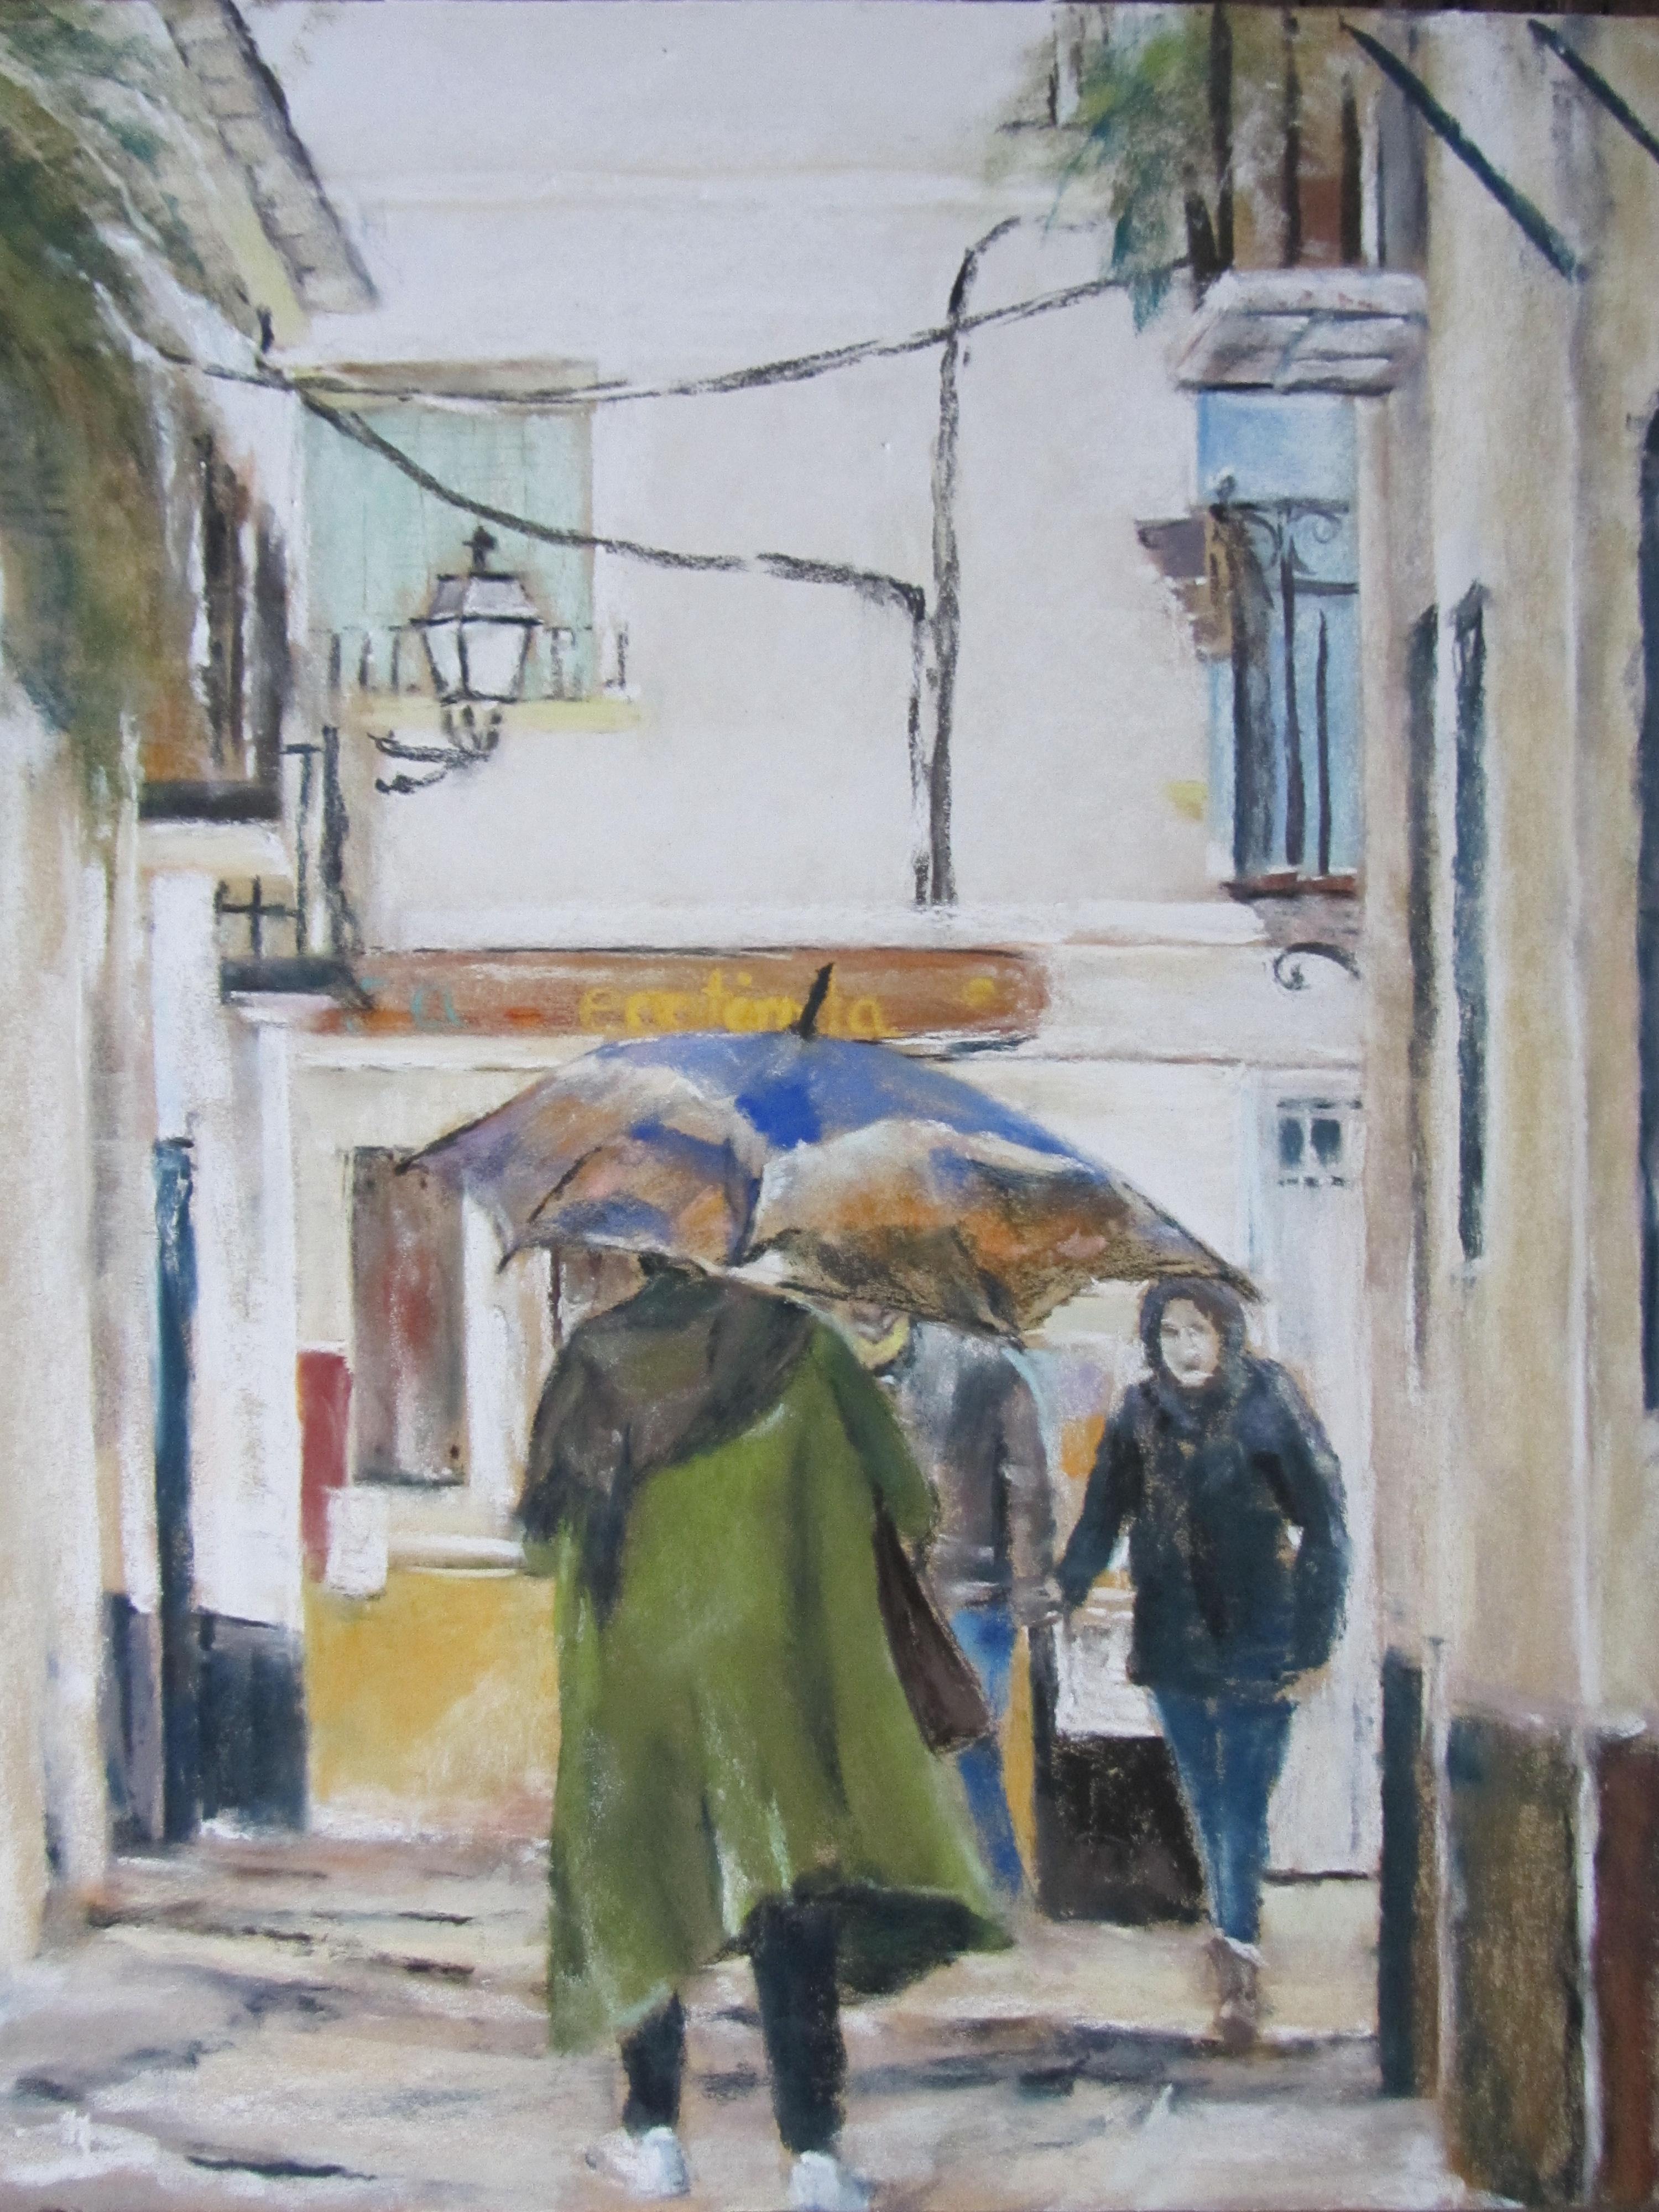 Personnages dans la rue de Grenade - Pastel sec par Isabelle Douzamy - 40x51 cm